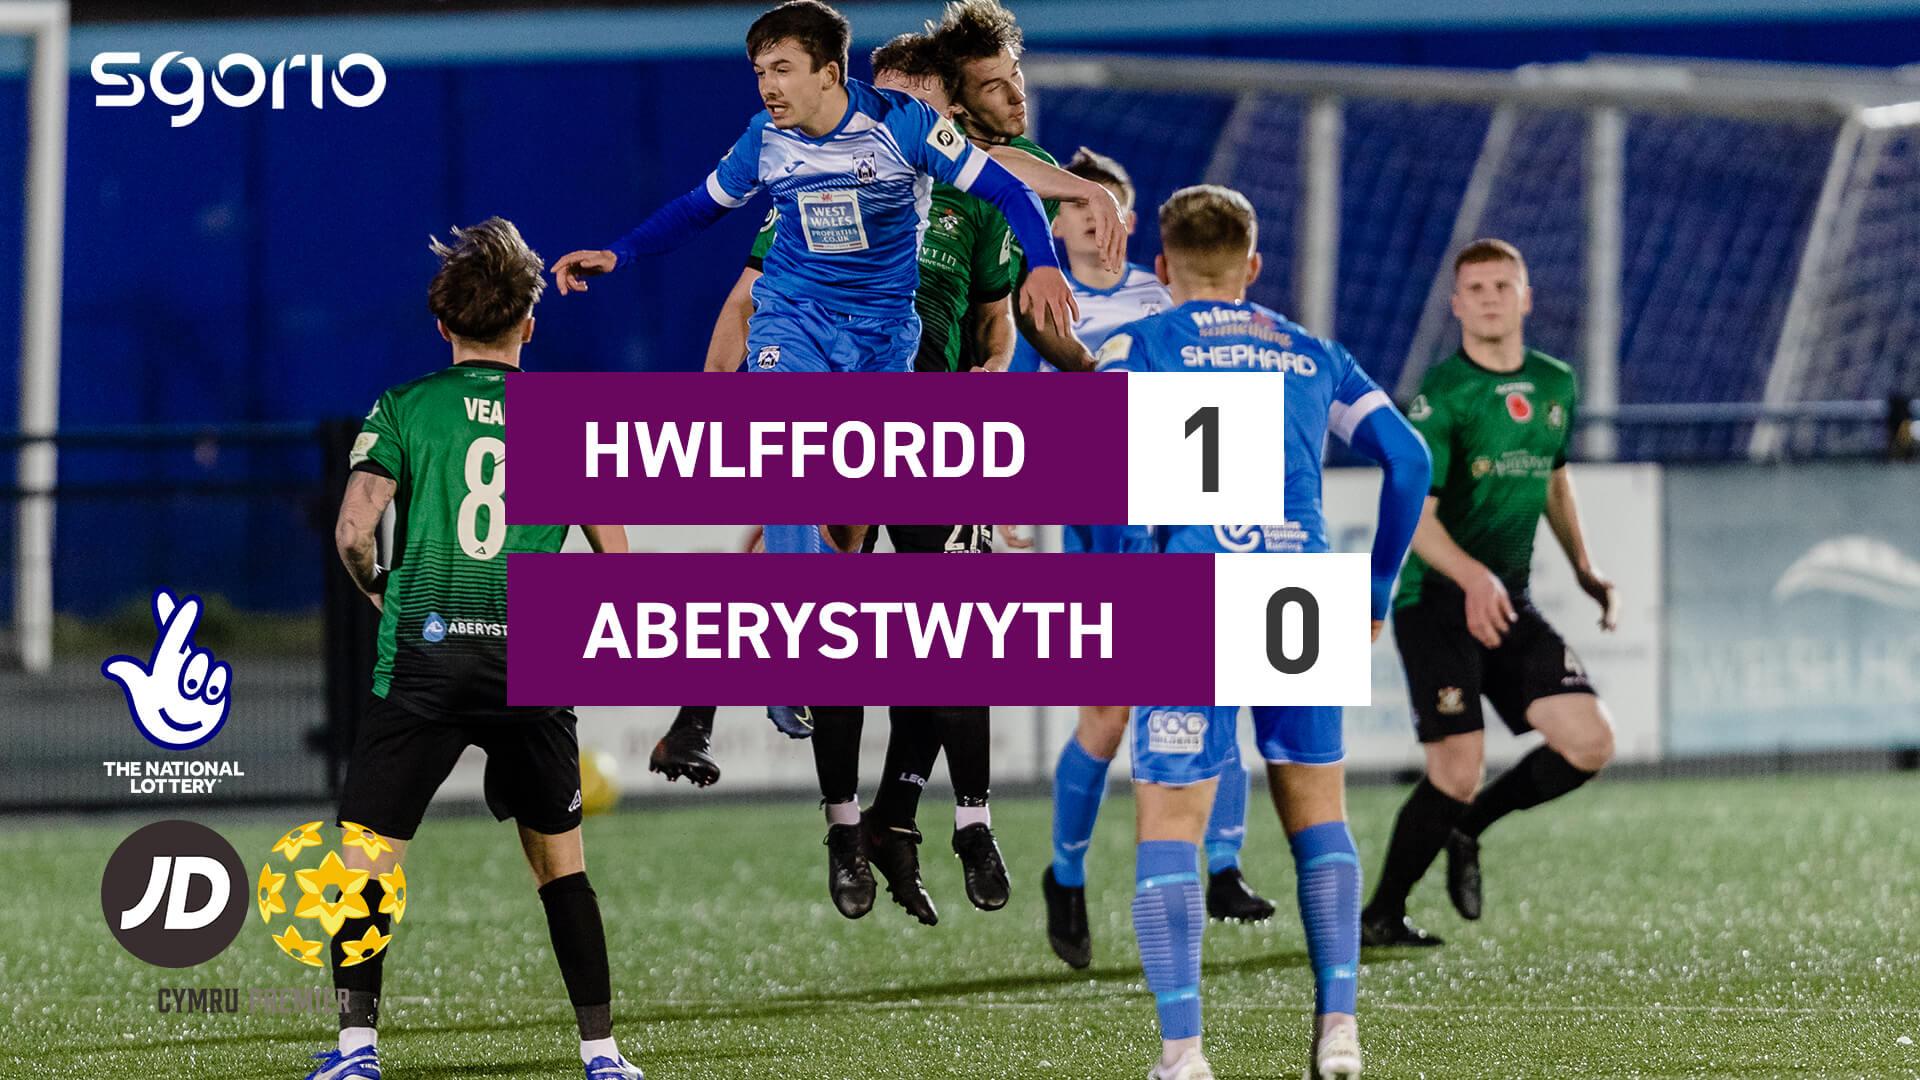 Hwlffordd 1-0 Aberystwyth